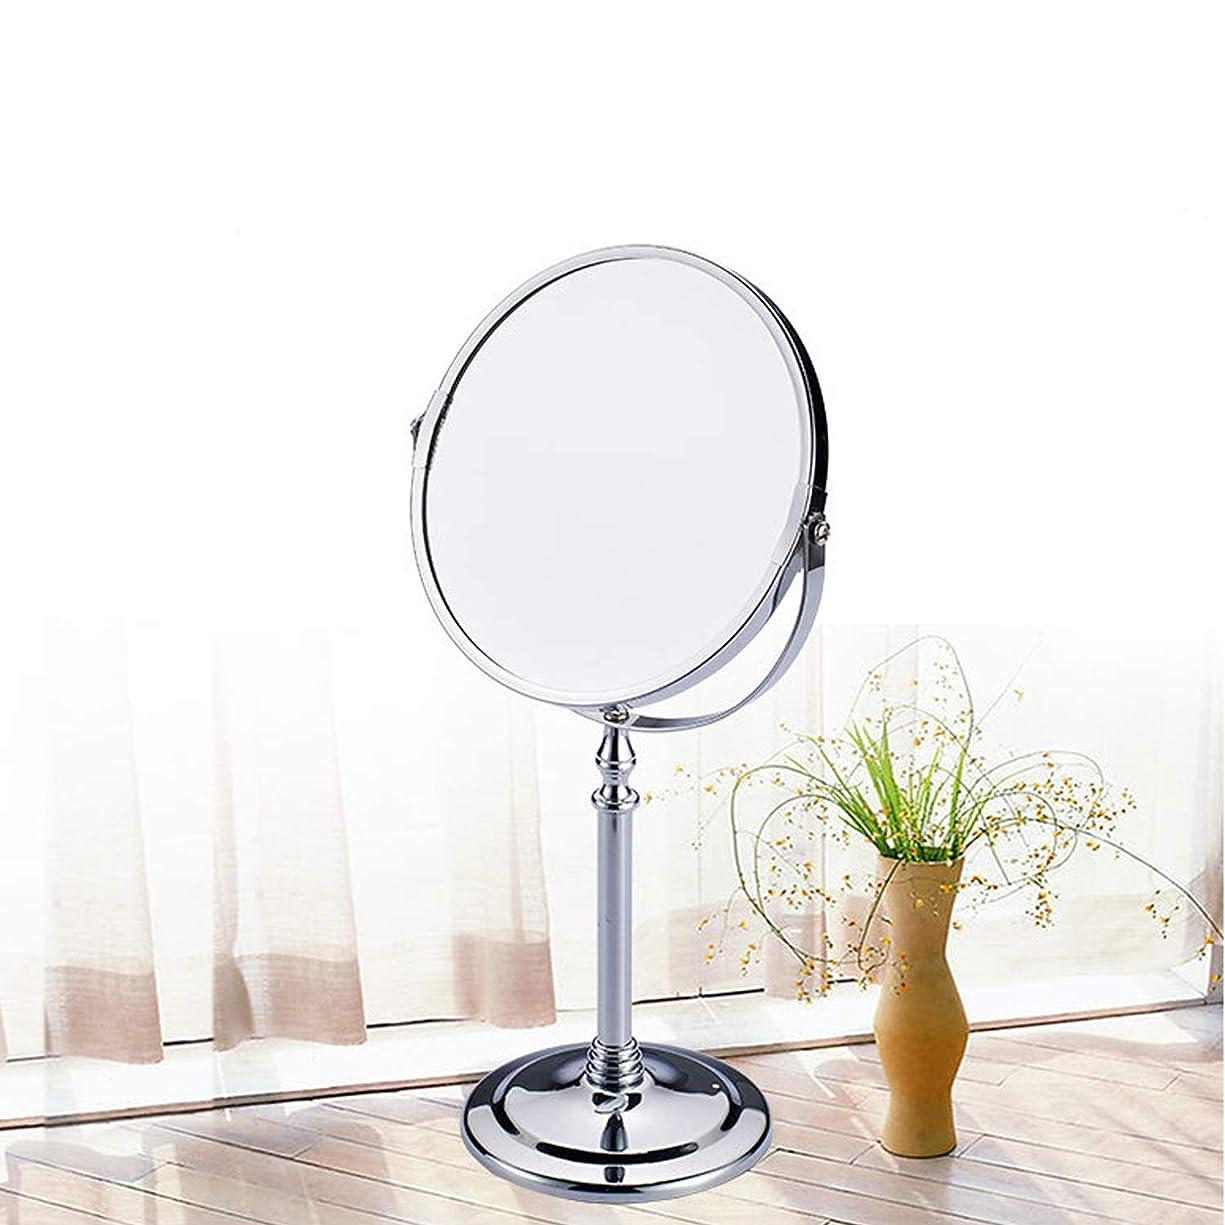 希少性同様の邪悪な化粧镜,デスクトップ360度回転ミラー7インチ両面2倍hd美容ドレッシングテーブルミラーラウンドミラーシンプルなデザインフレーム化粧道具,鏡 折りたたみ